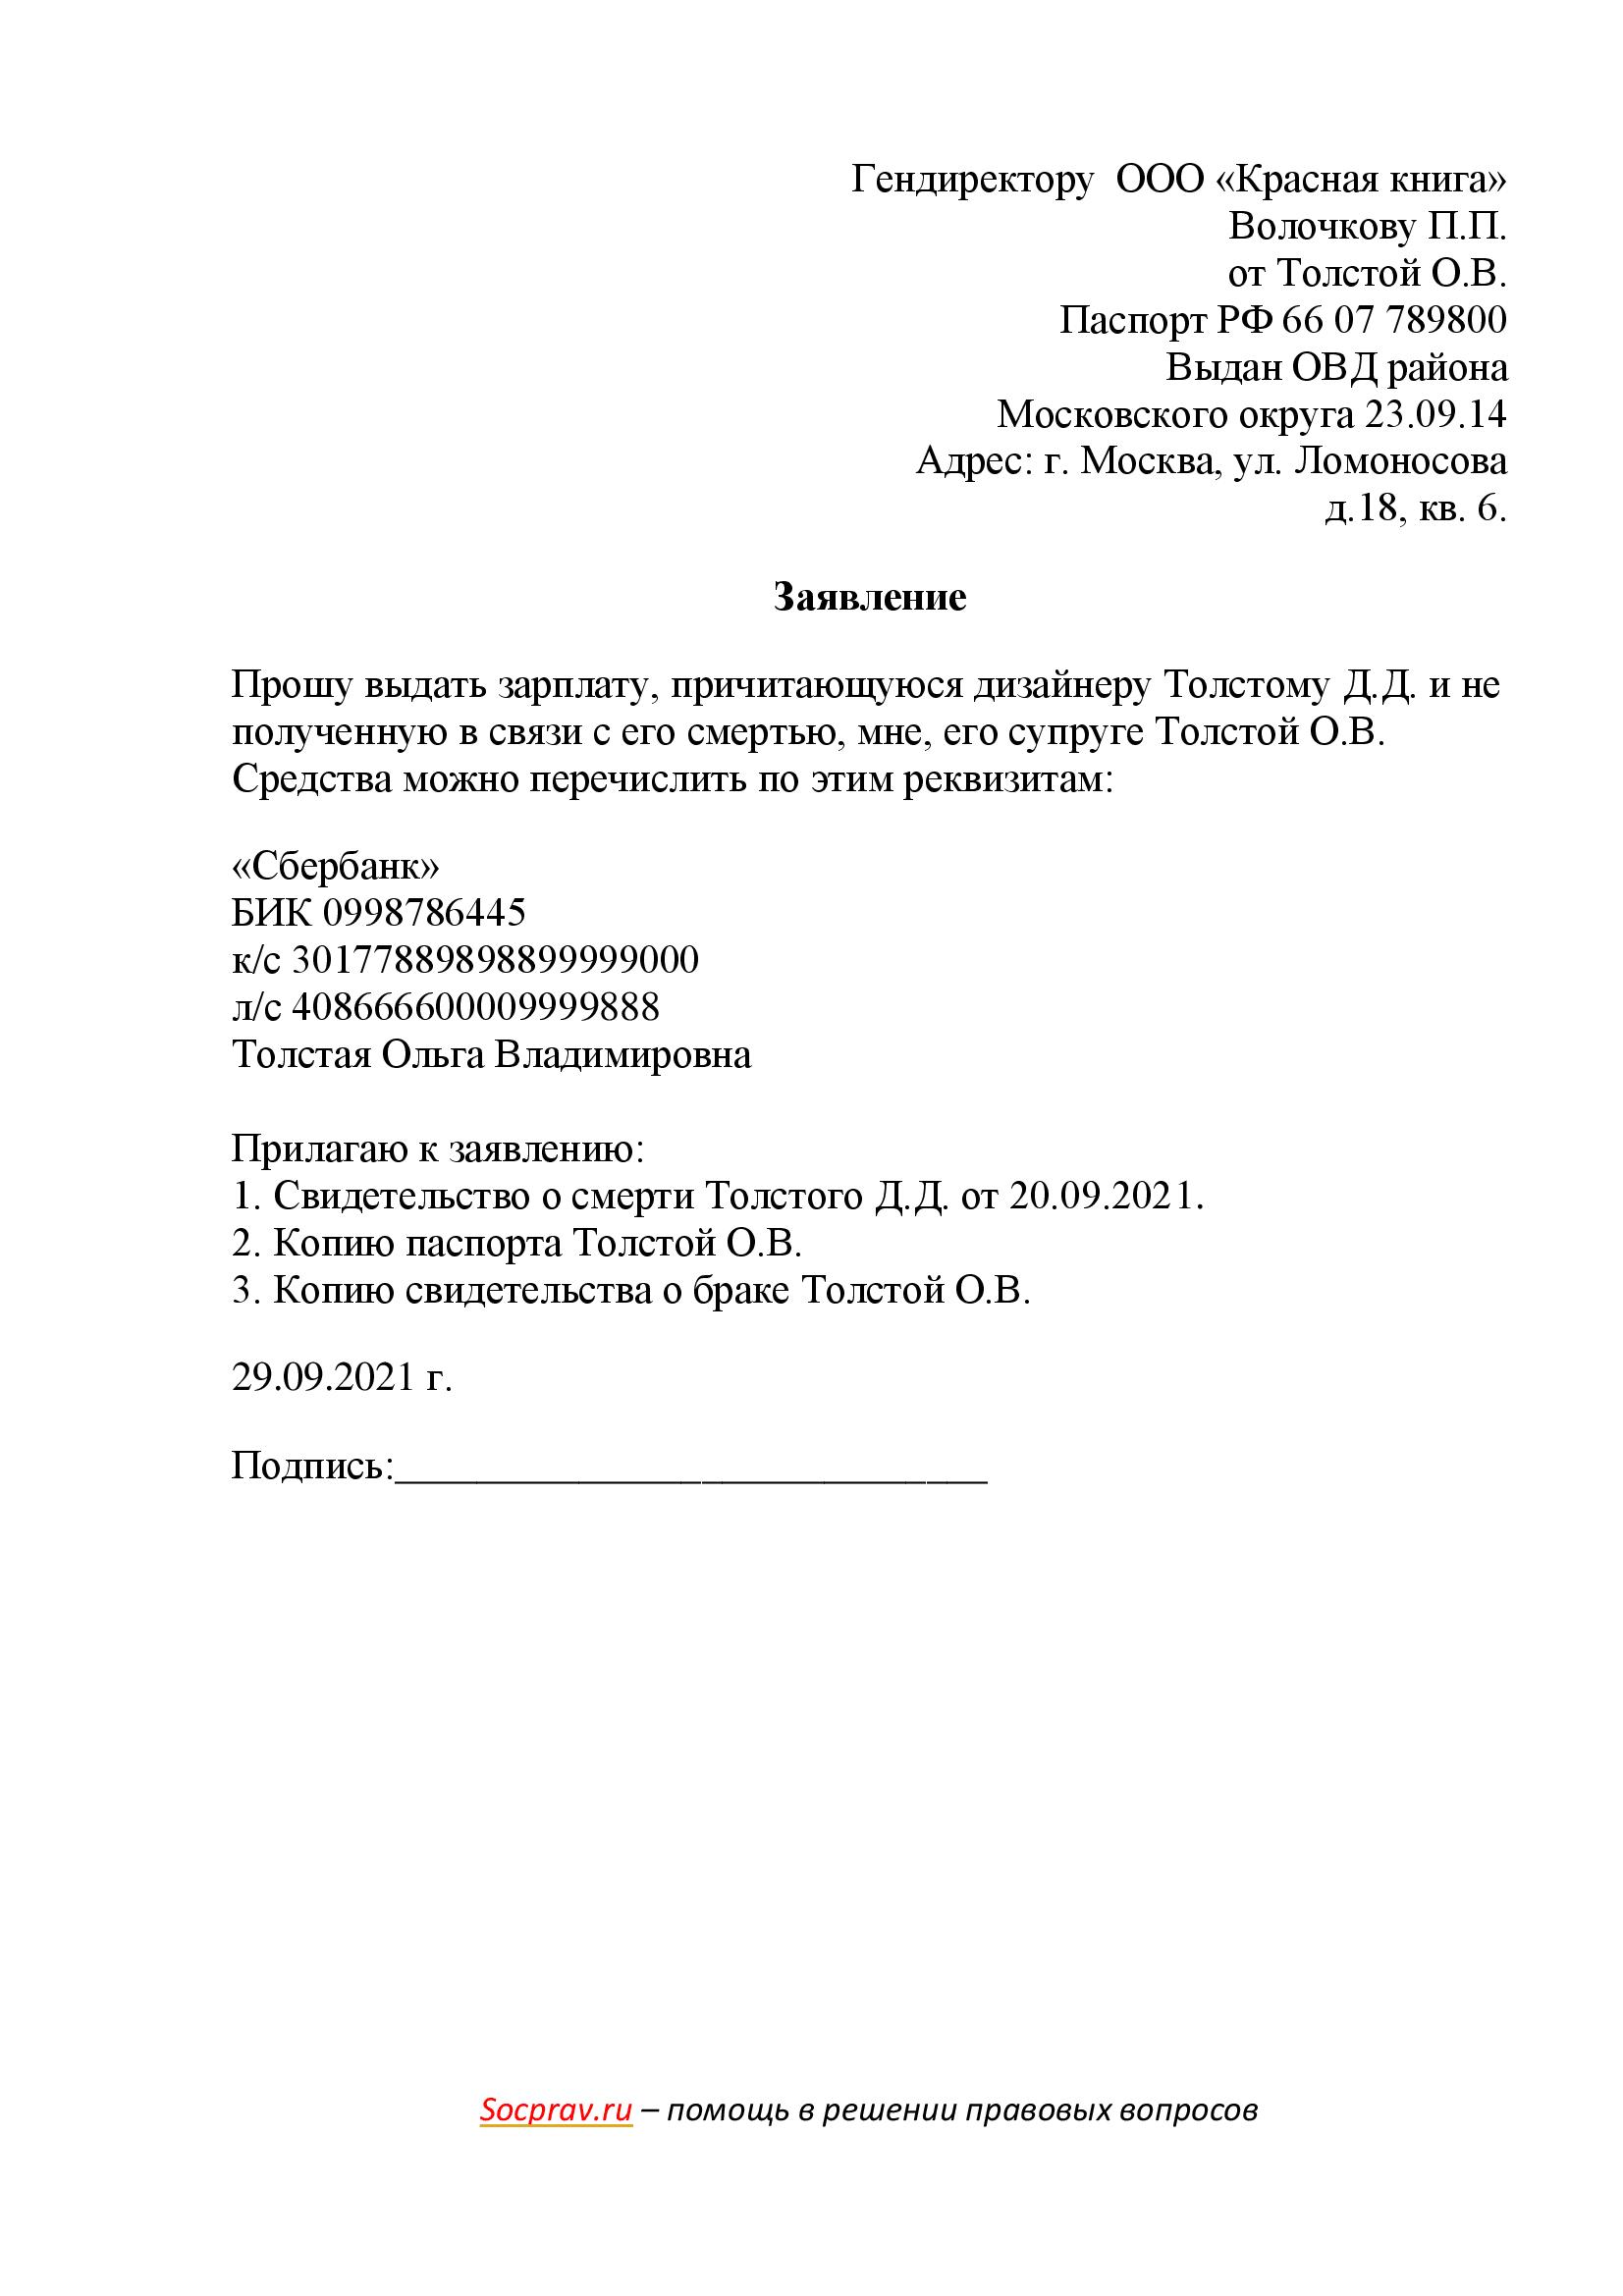 Заявление на выплату зарплаты умершего работника